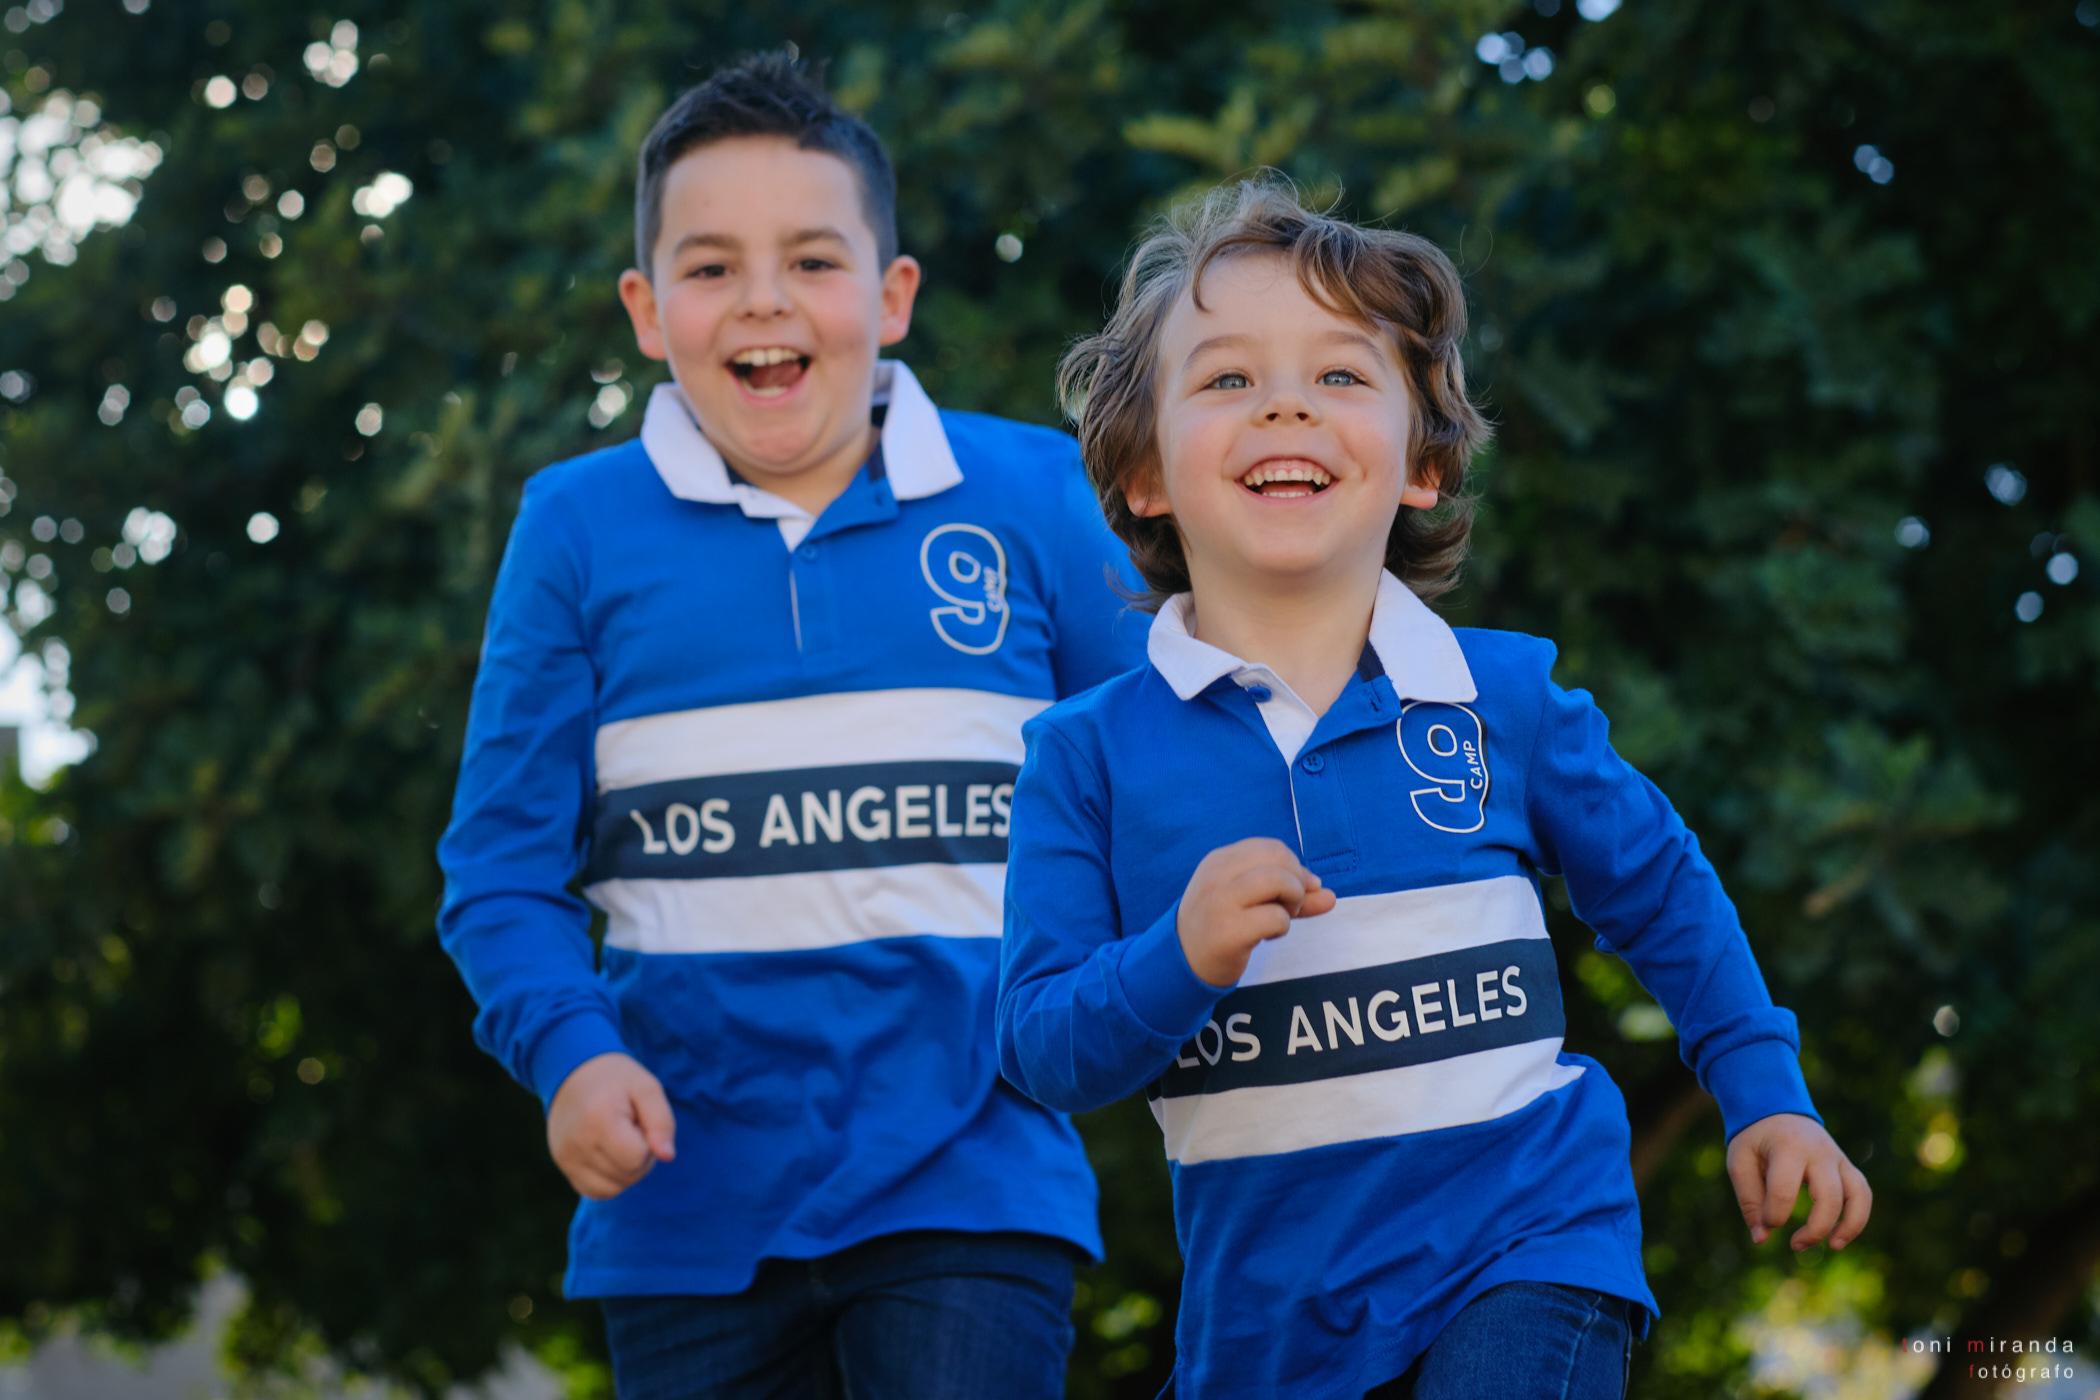 Hermanitos corriendo juntos en el parque